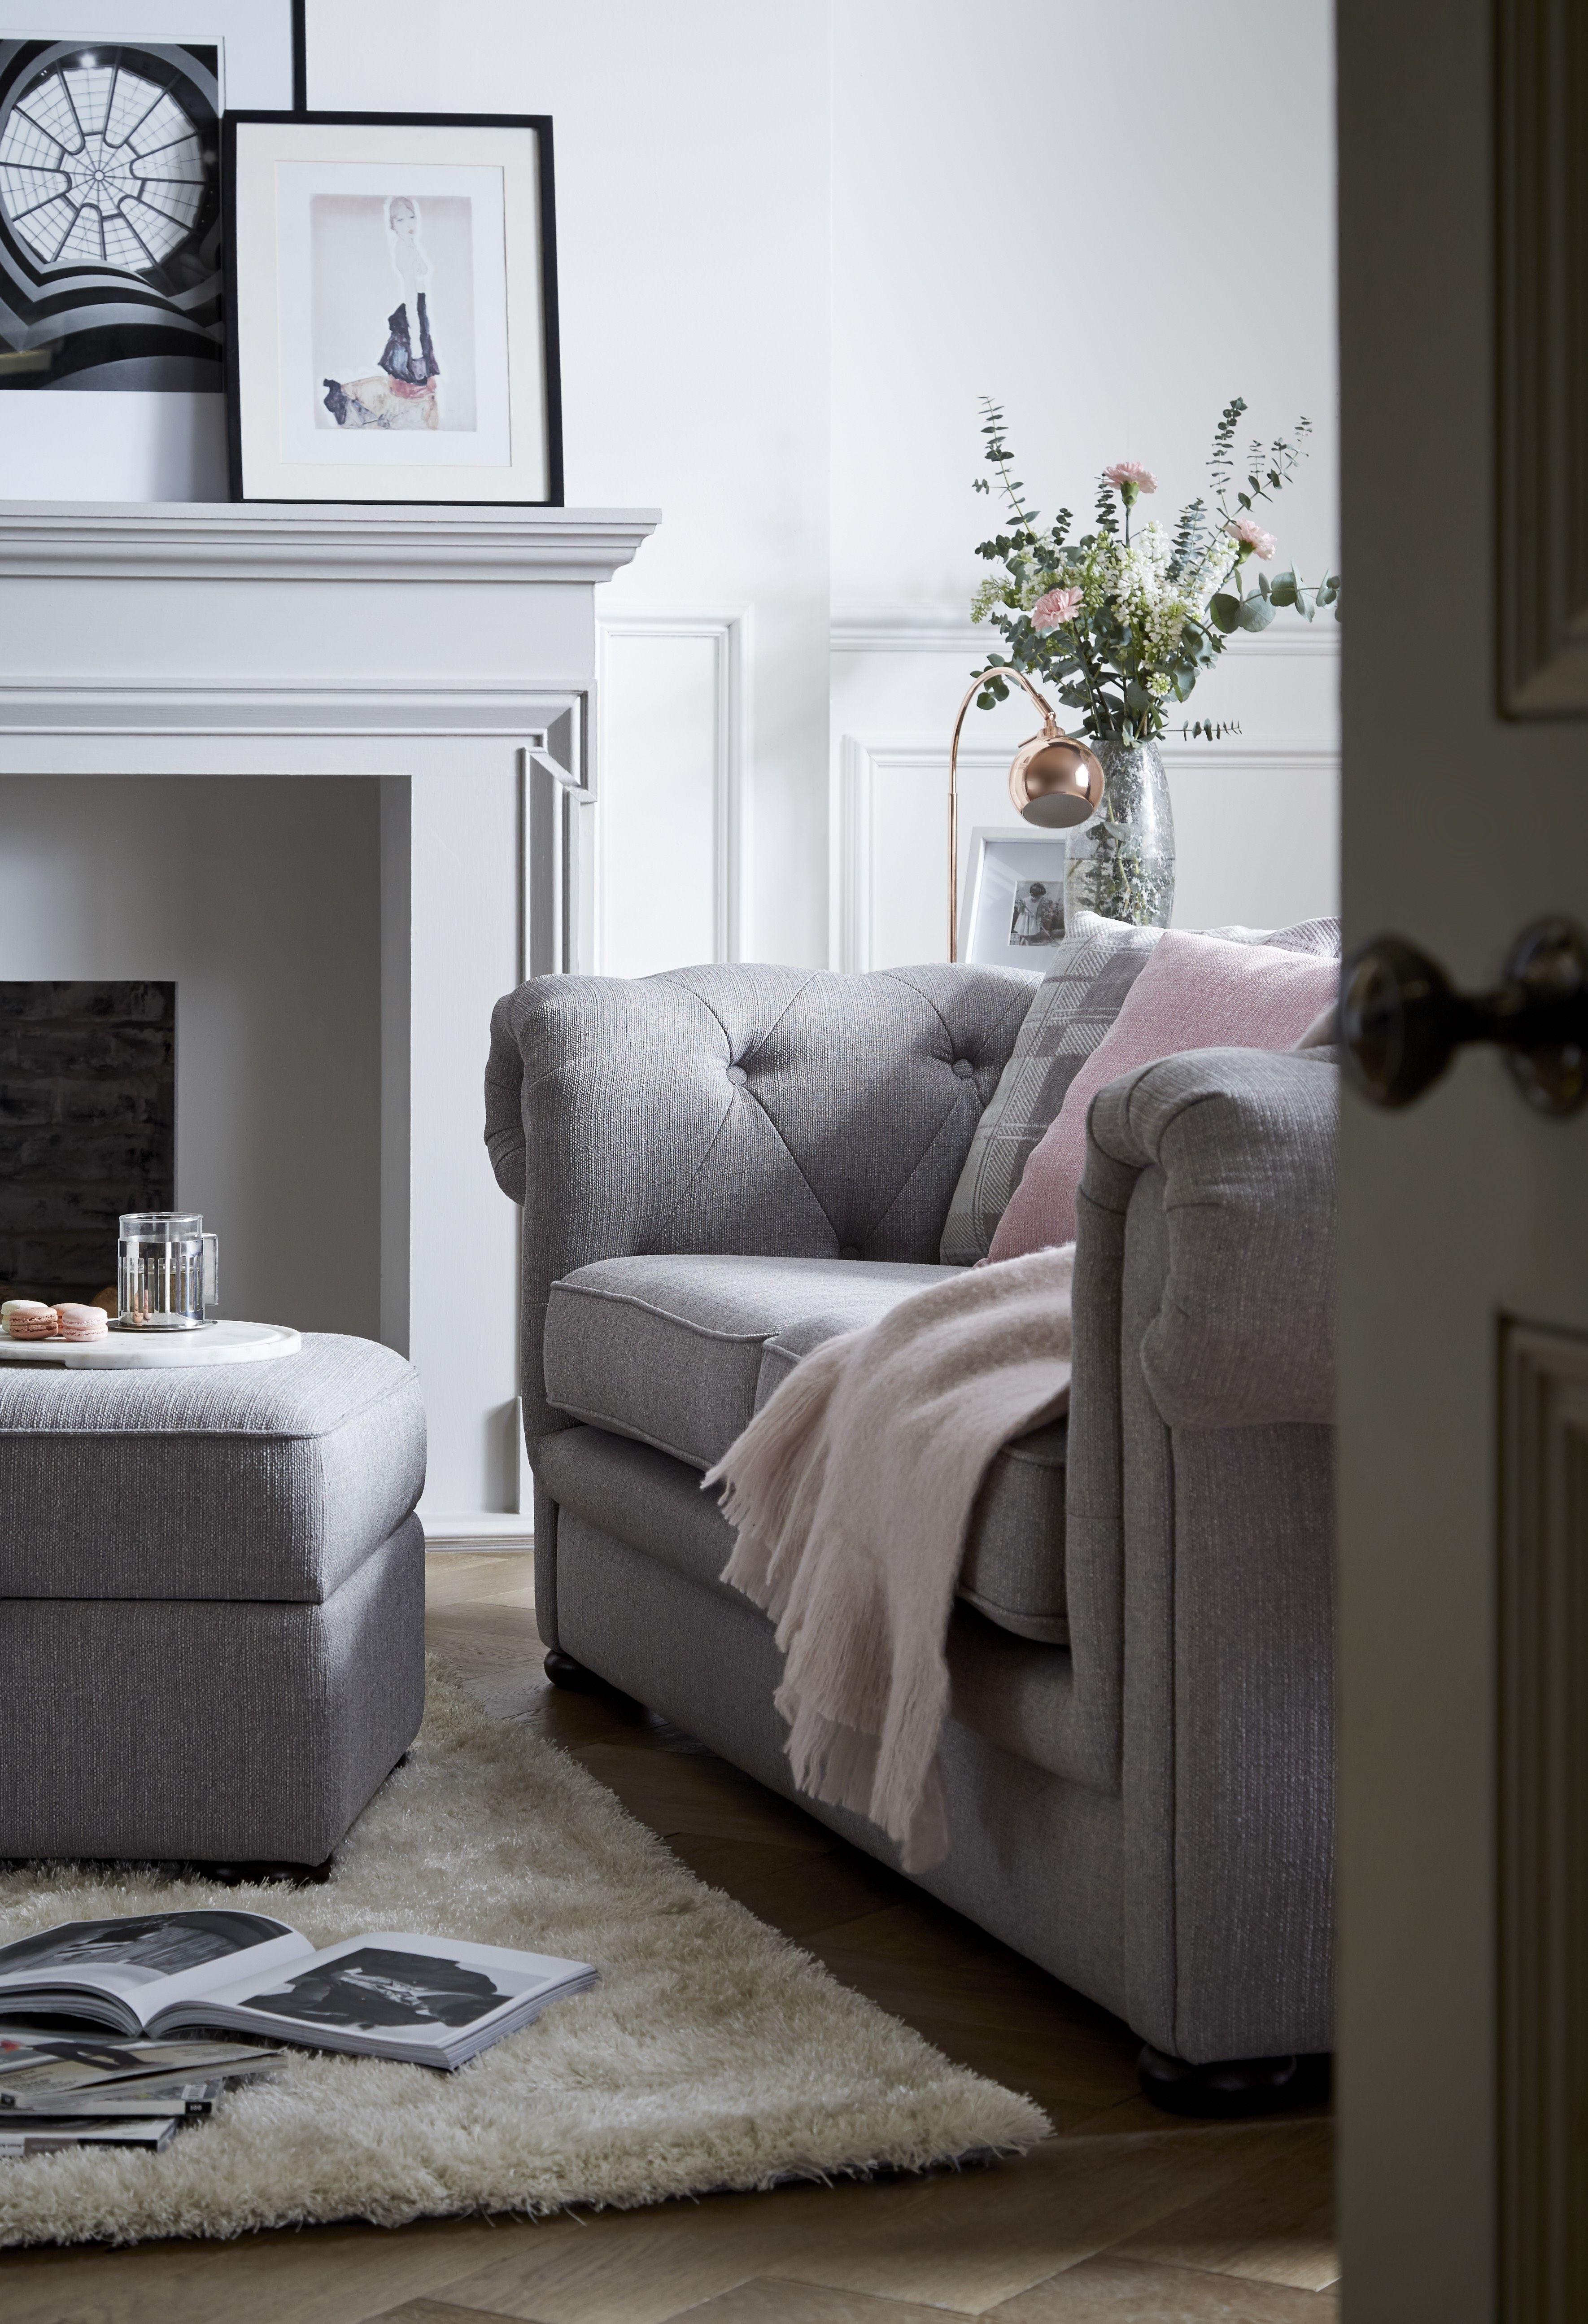 Pin von Emily Quin auf Sofas and style | Pinterest